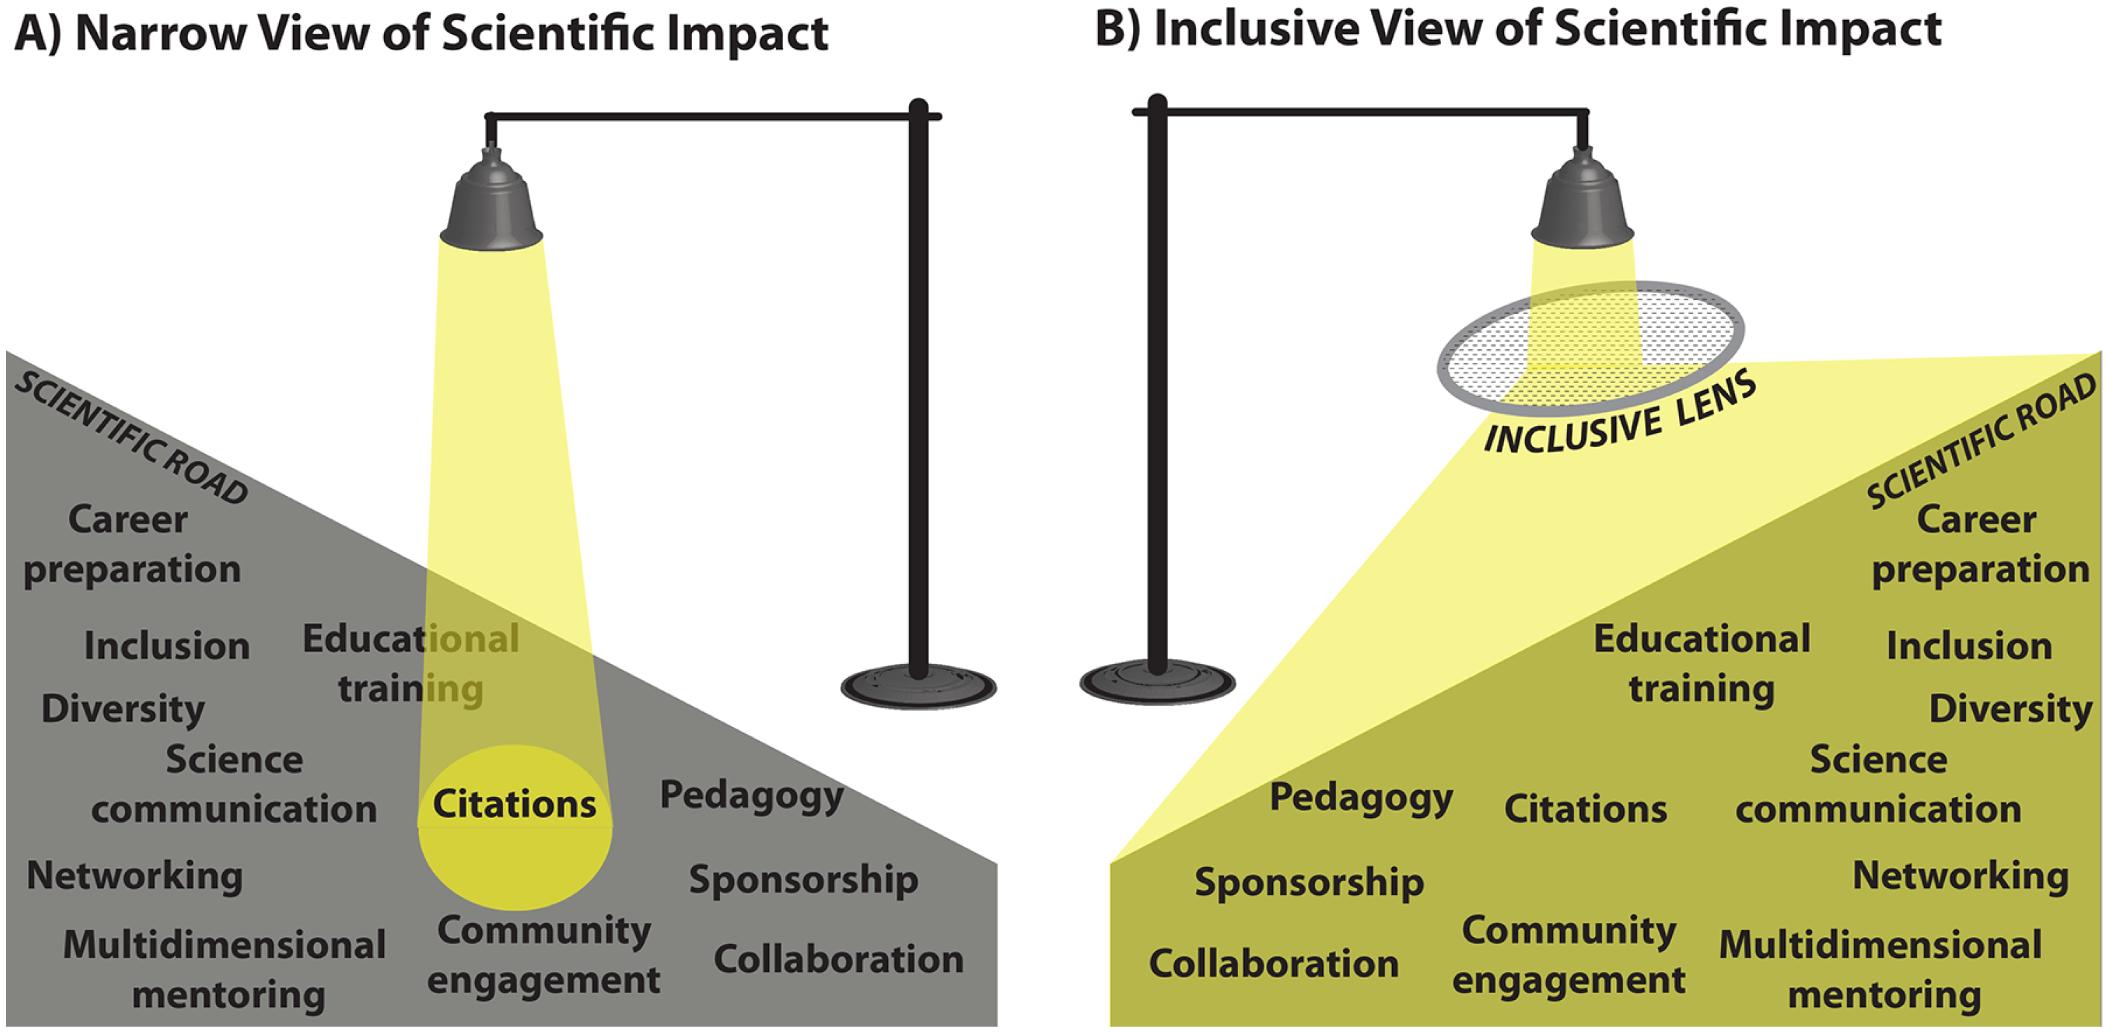 figura-2-Visión-reducida-inclusiva-medir-impacto-científico